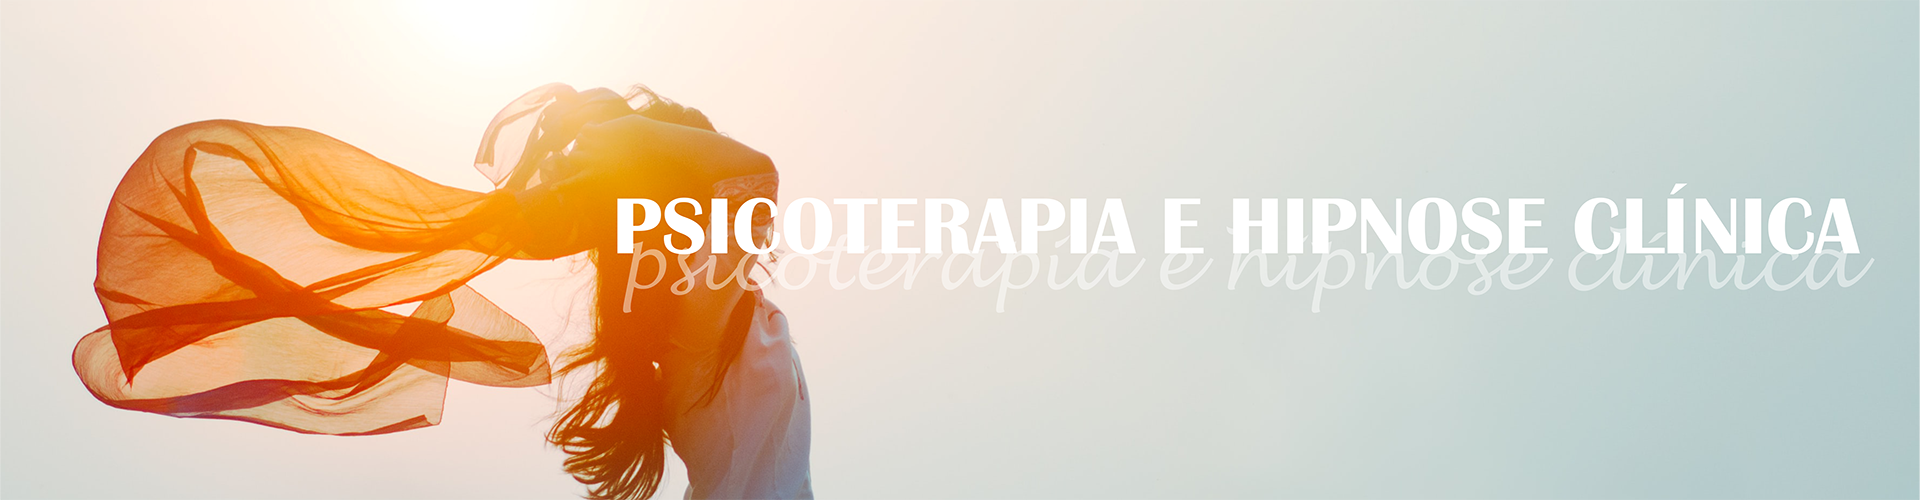 psicoperapia e hipnose clinica